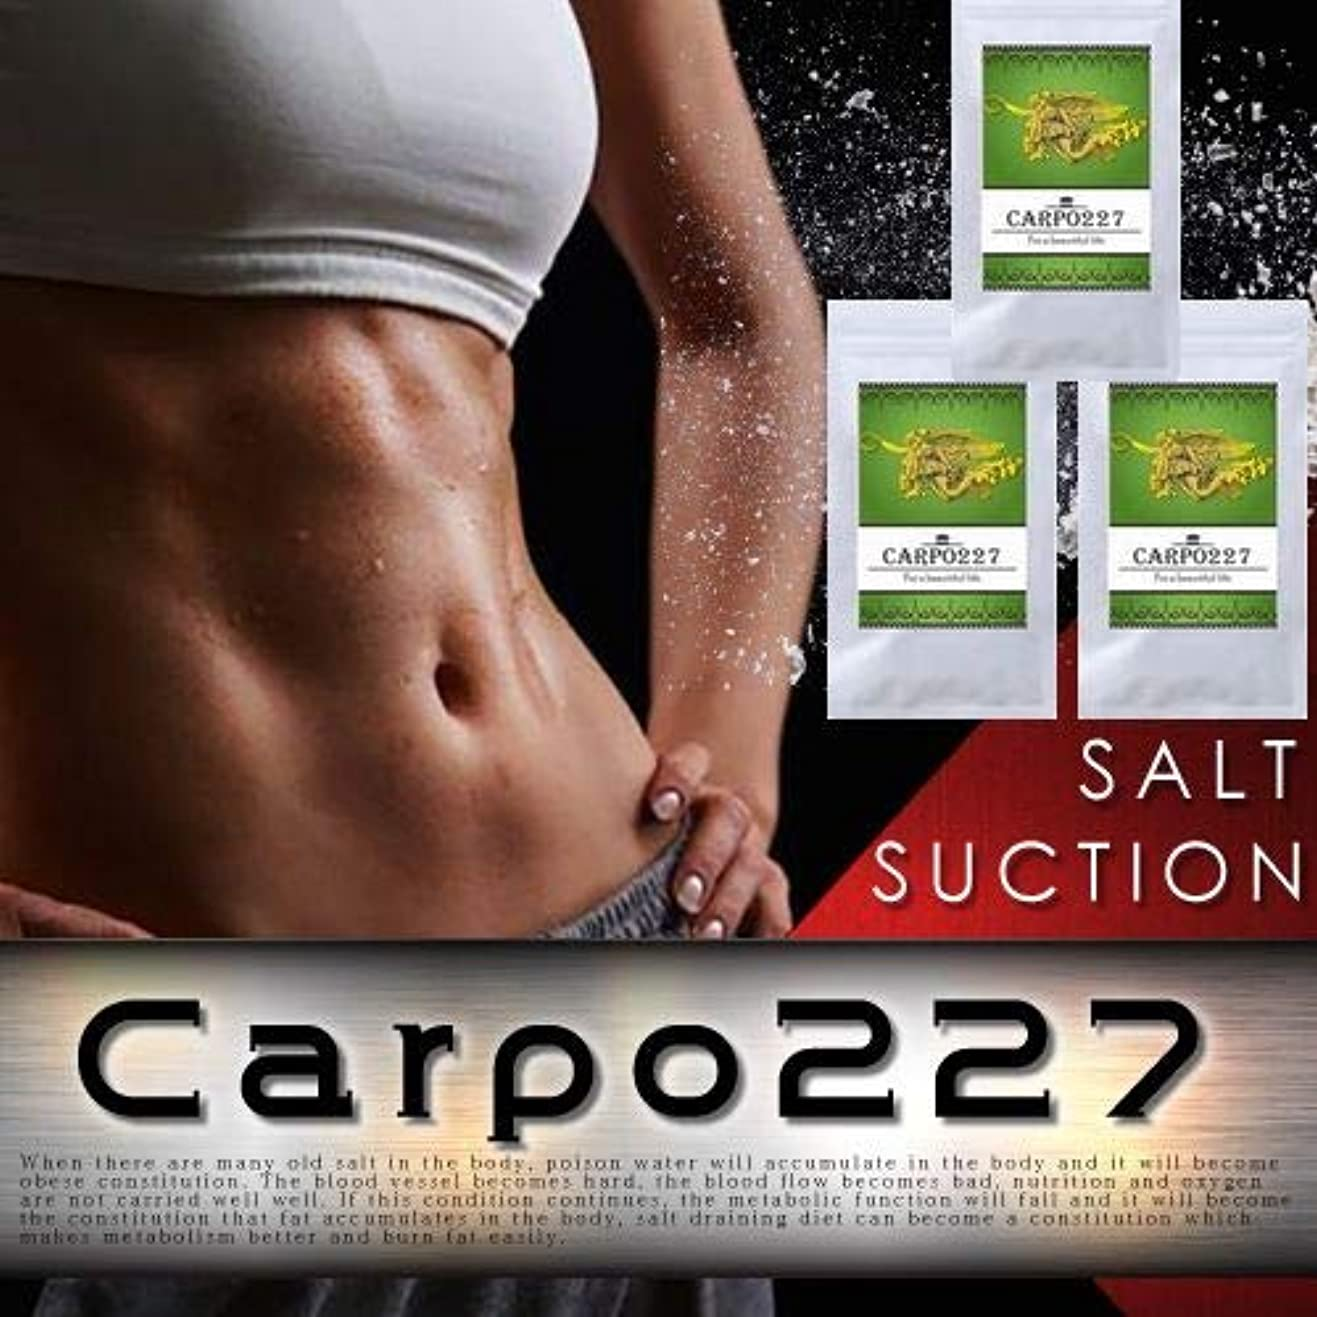 装備する悪性腫瘍工場【3個セット】Carpo227(カルポ227)